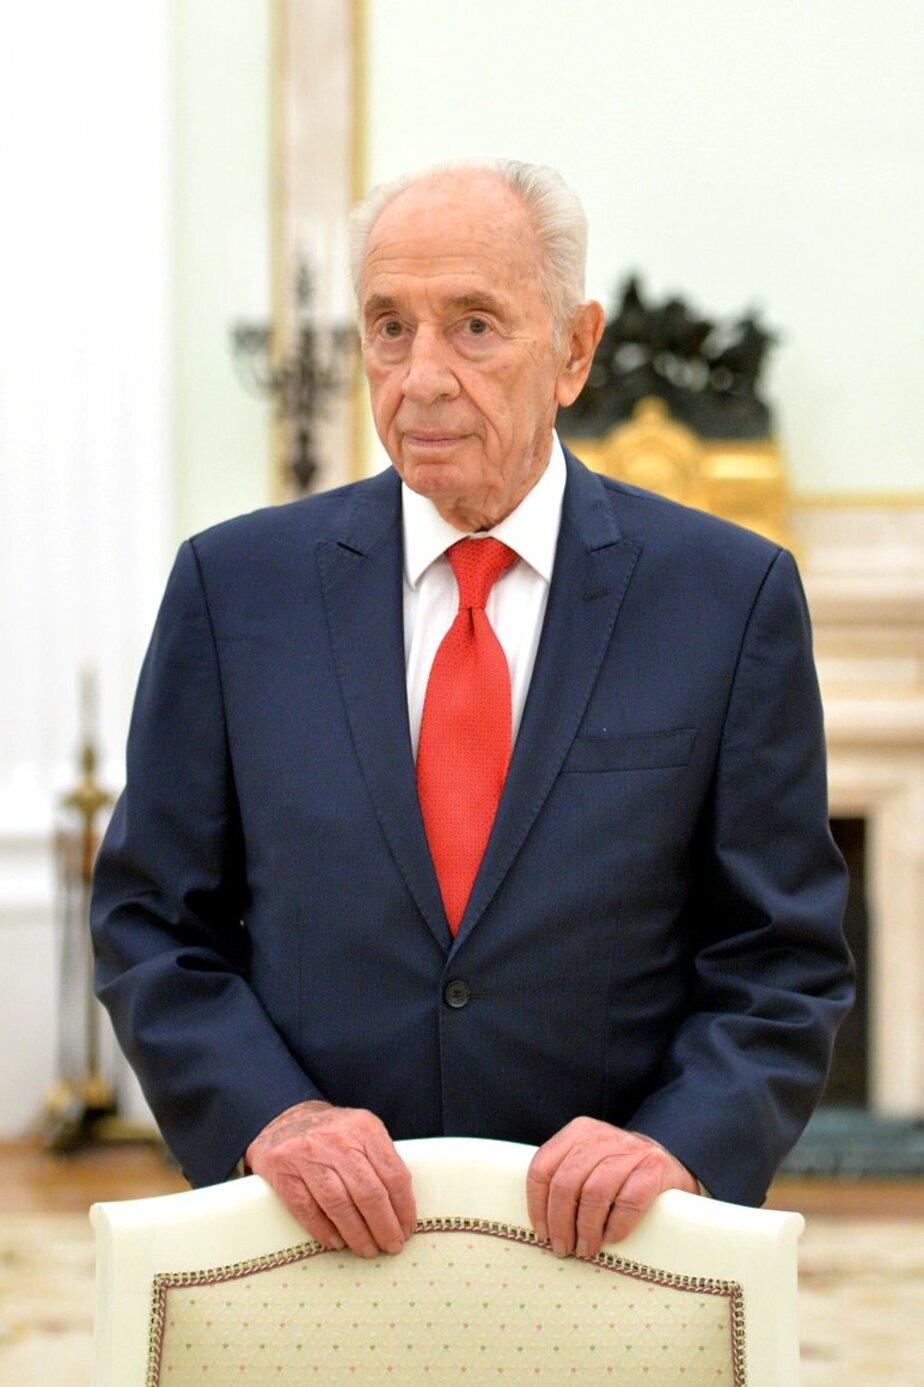 В Израиле скончался бывший президент Шимон Перес  - Новости Калининграда